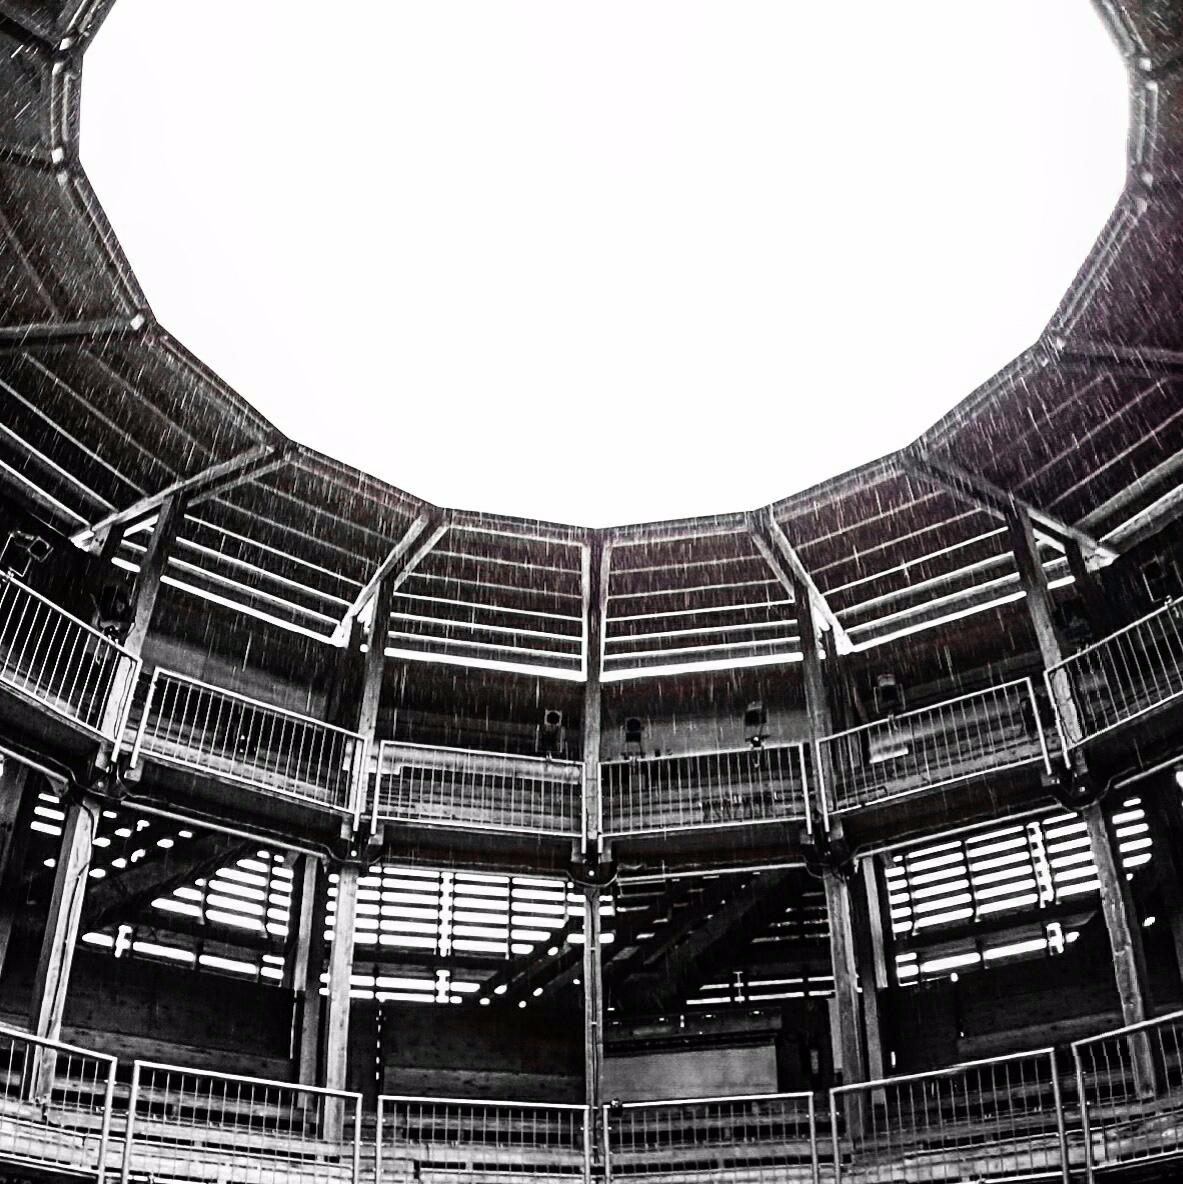 globetheatre, blackrain, architecture - yantra23   ello